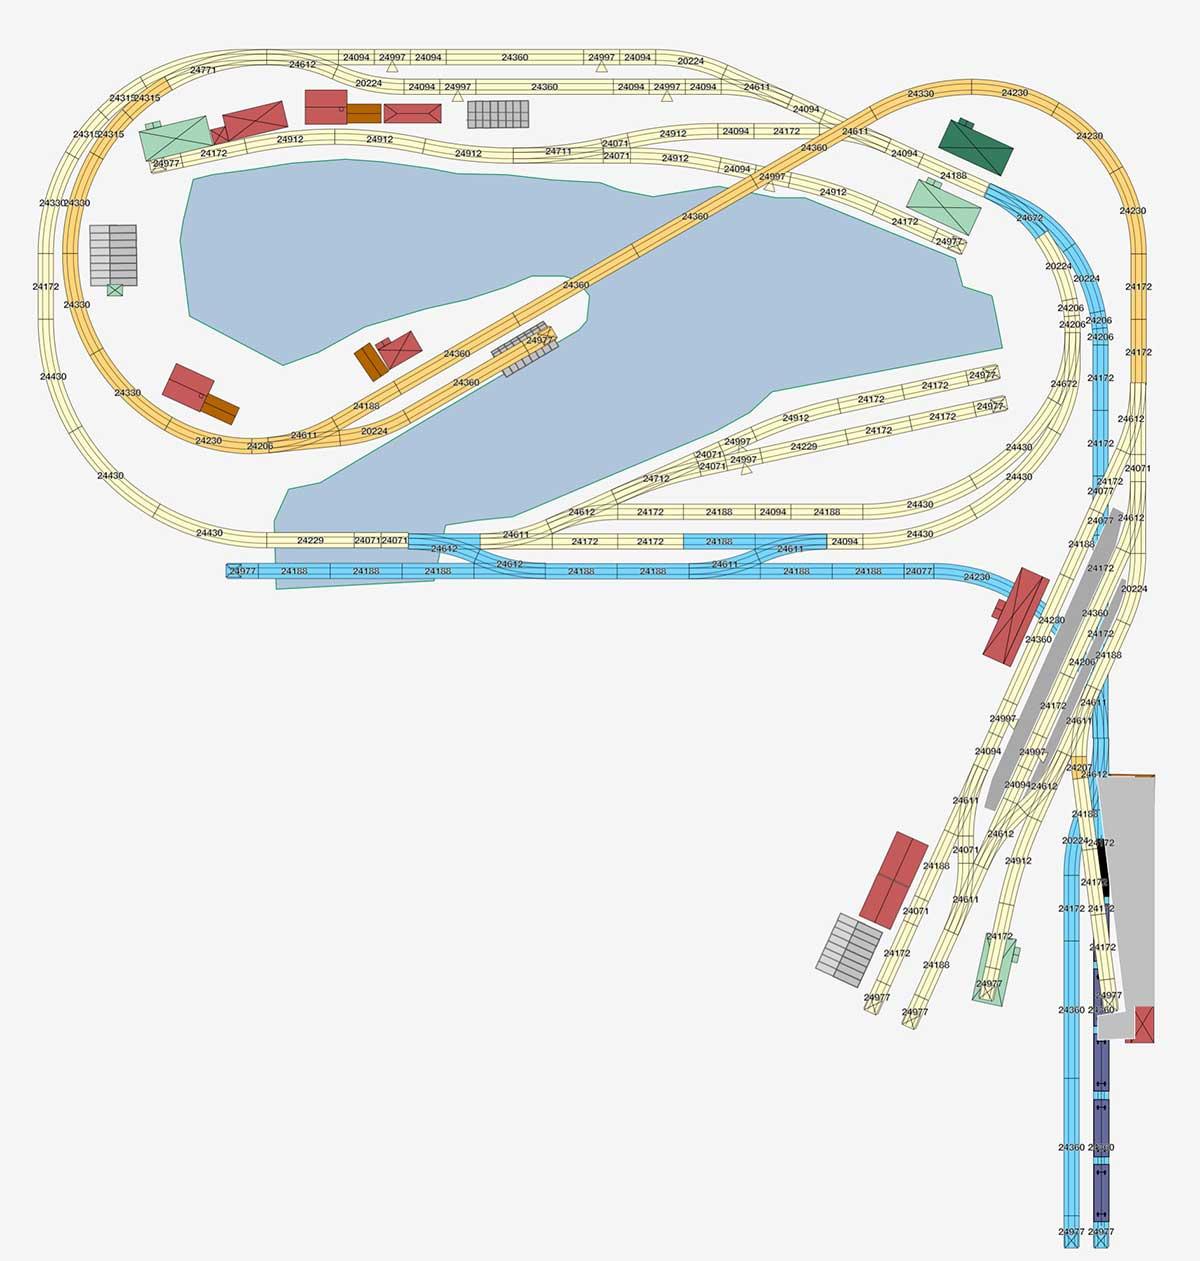 der-kleine-Hafen-Gleisplan-H0-C-Gleis-006-EBf-SBf-002 3